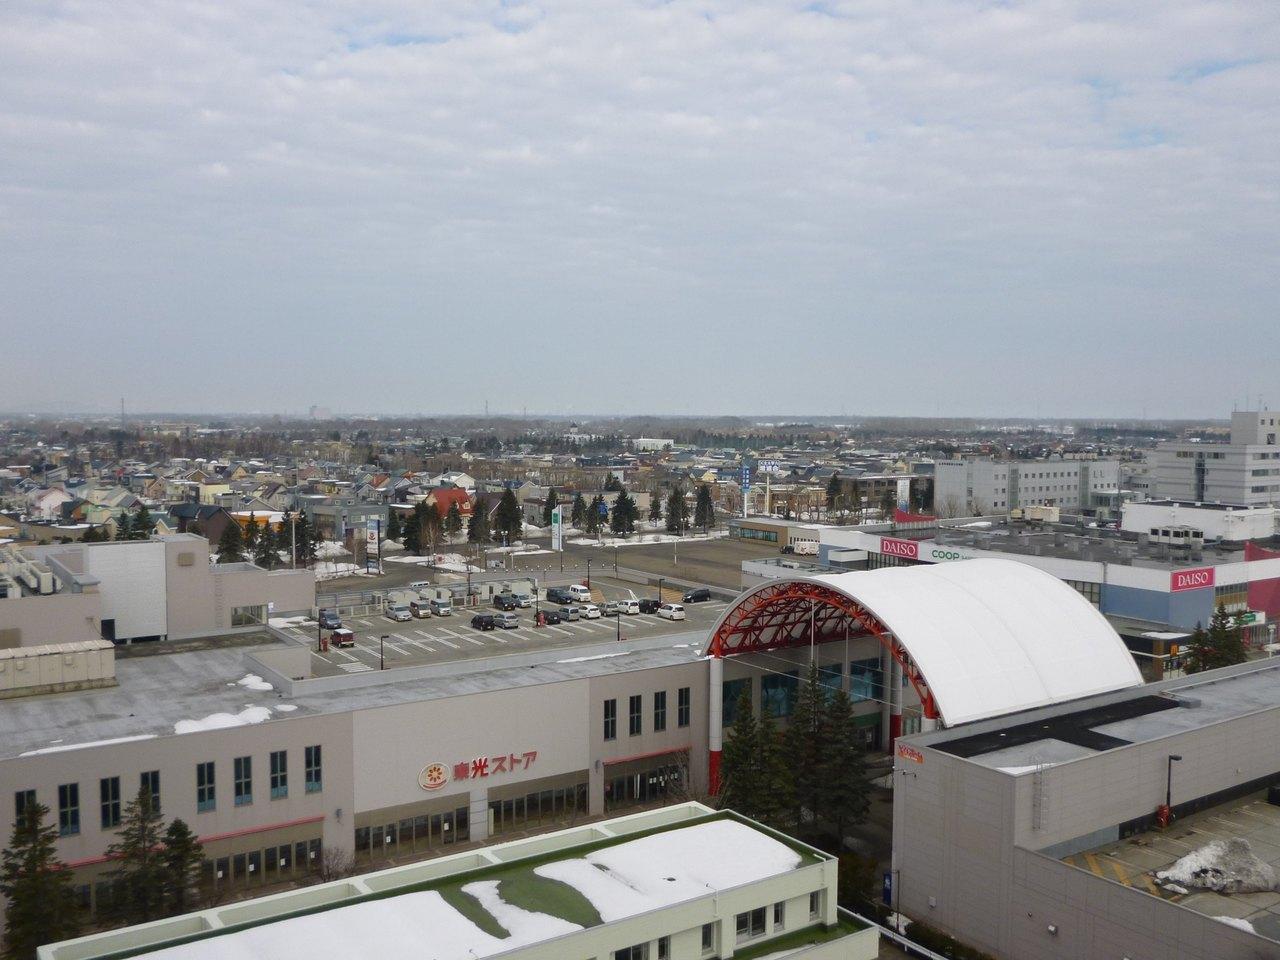 クリーンリバーネオ・シティあいの里Bステージ 札幌市北区あいの里一条6丁目の中古マンションです。